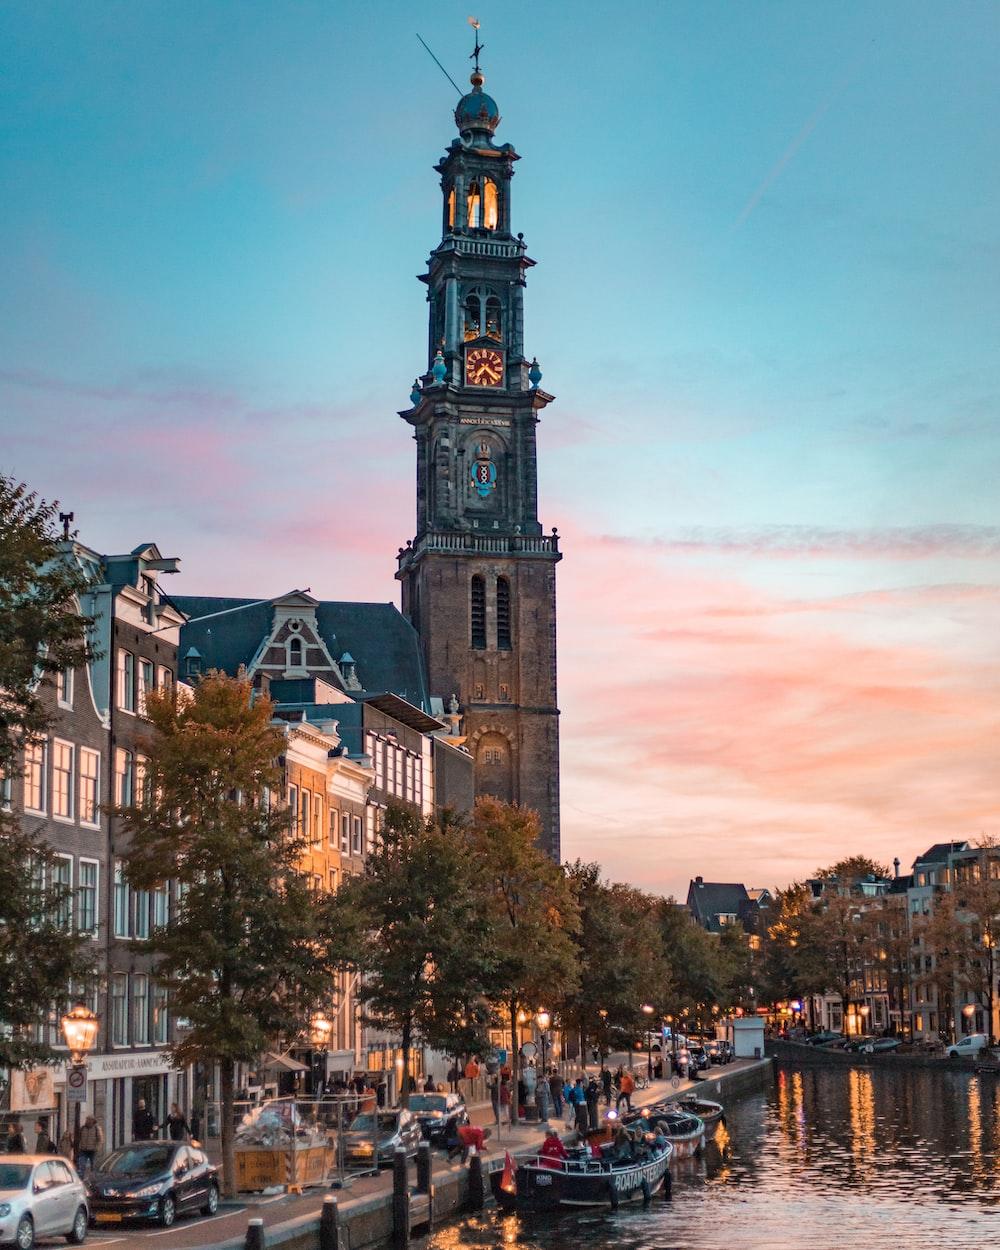 brown clock tower under golden sky